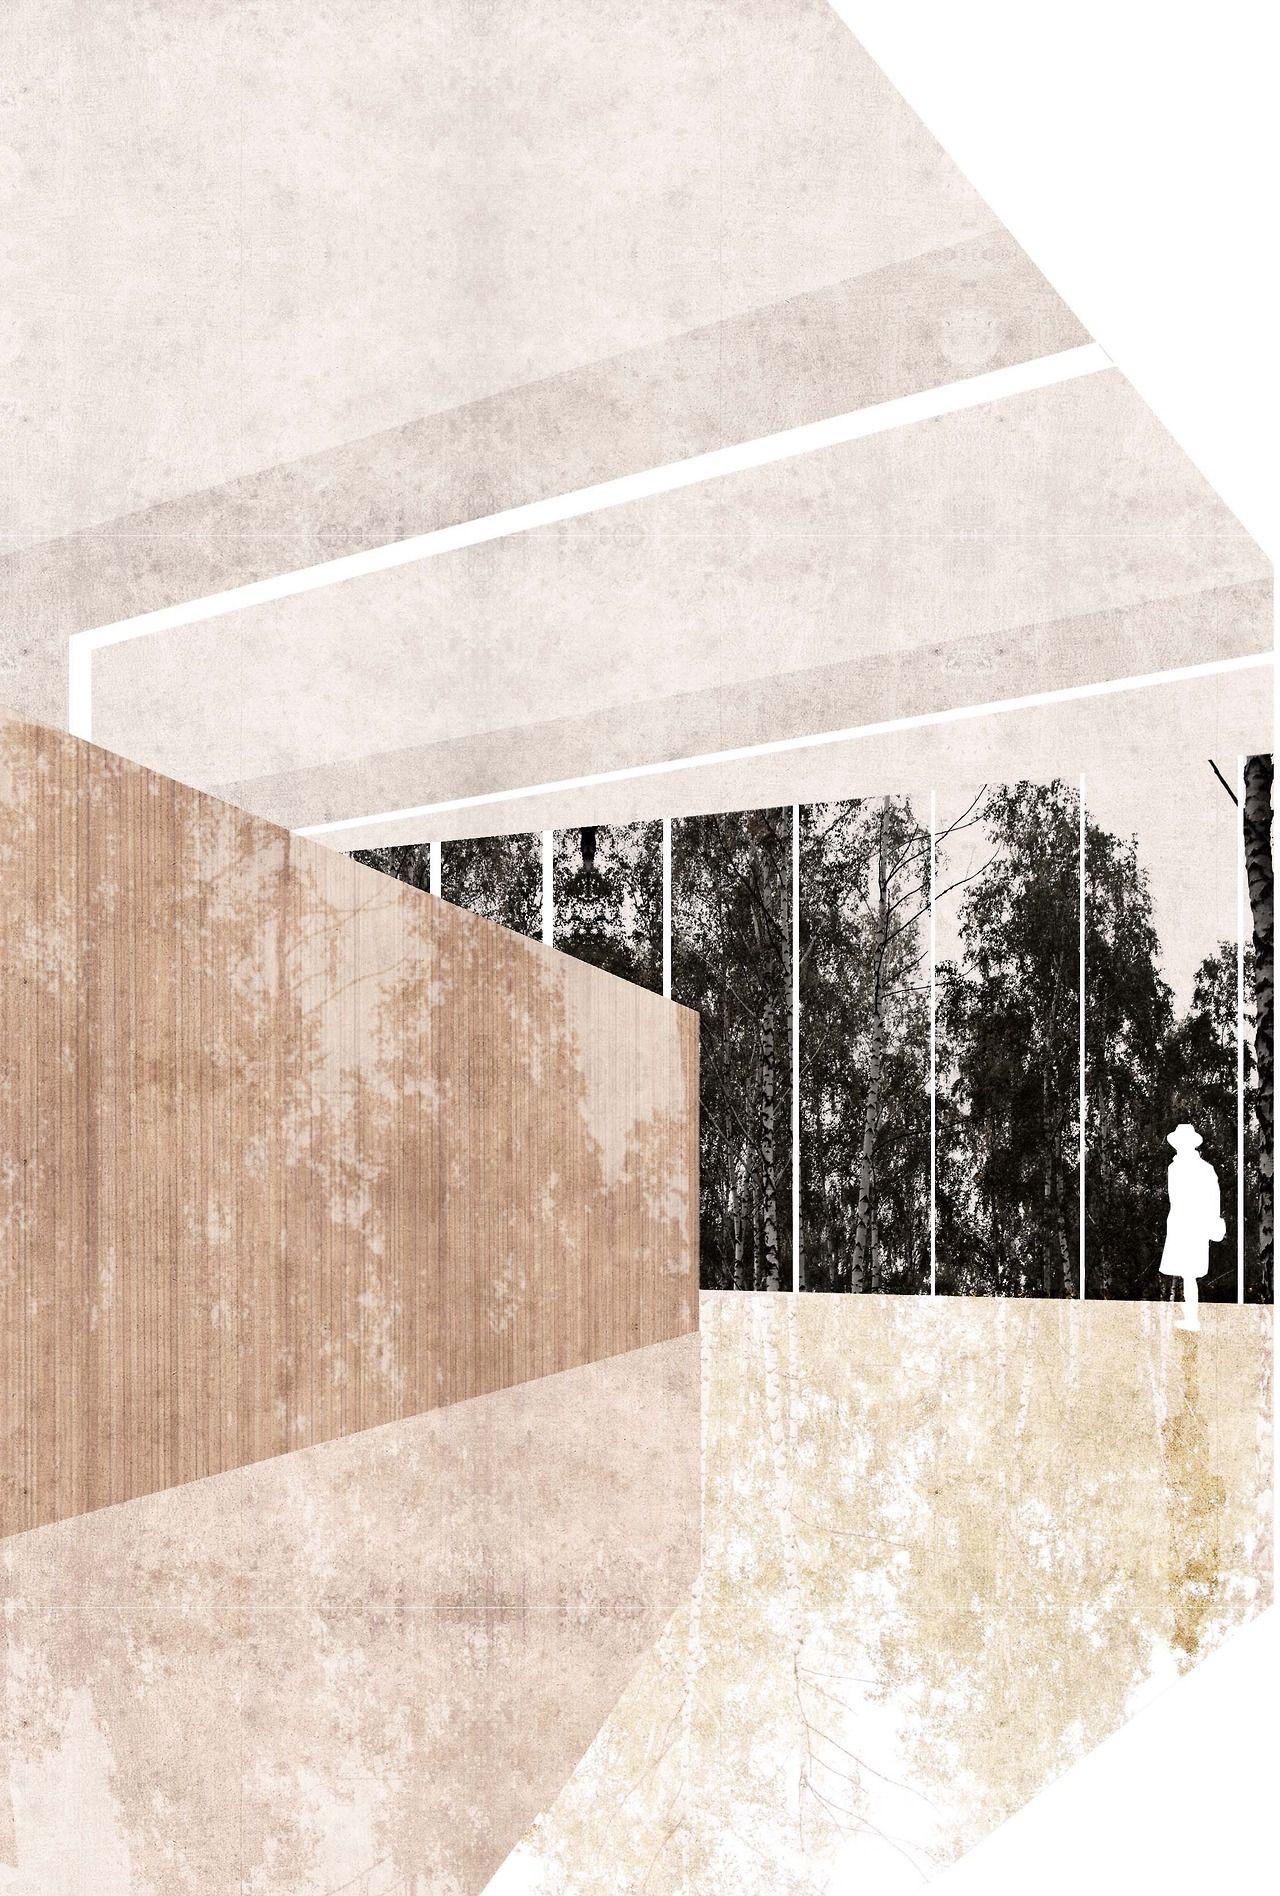 Uncommon Cut Wasser ArchitekturHochhausLinieInnenarchitekturSkizzenAnsicht Architektur